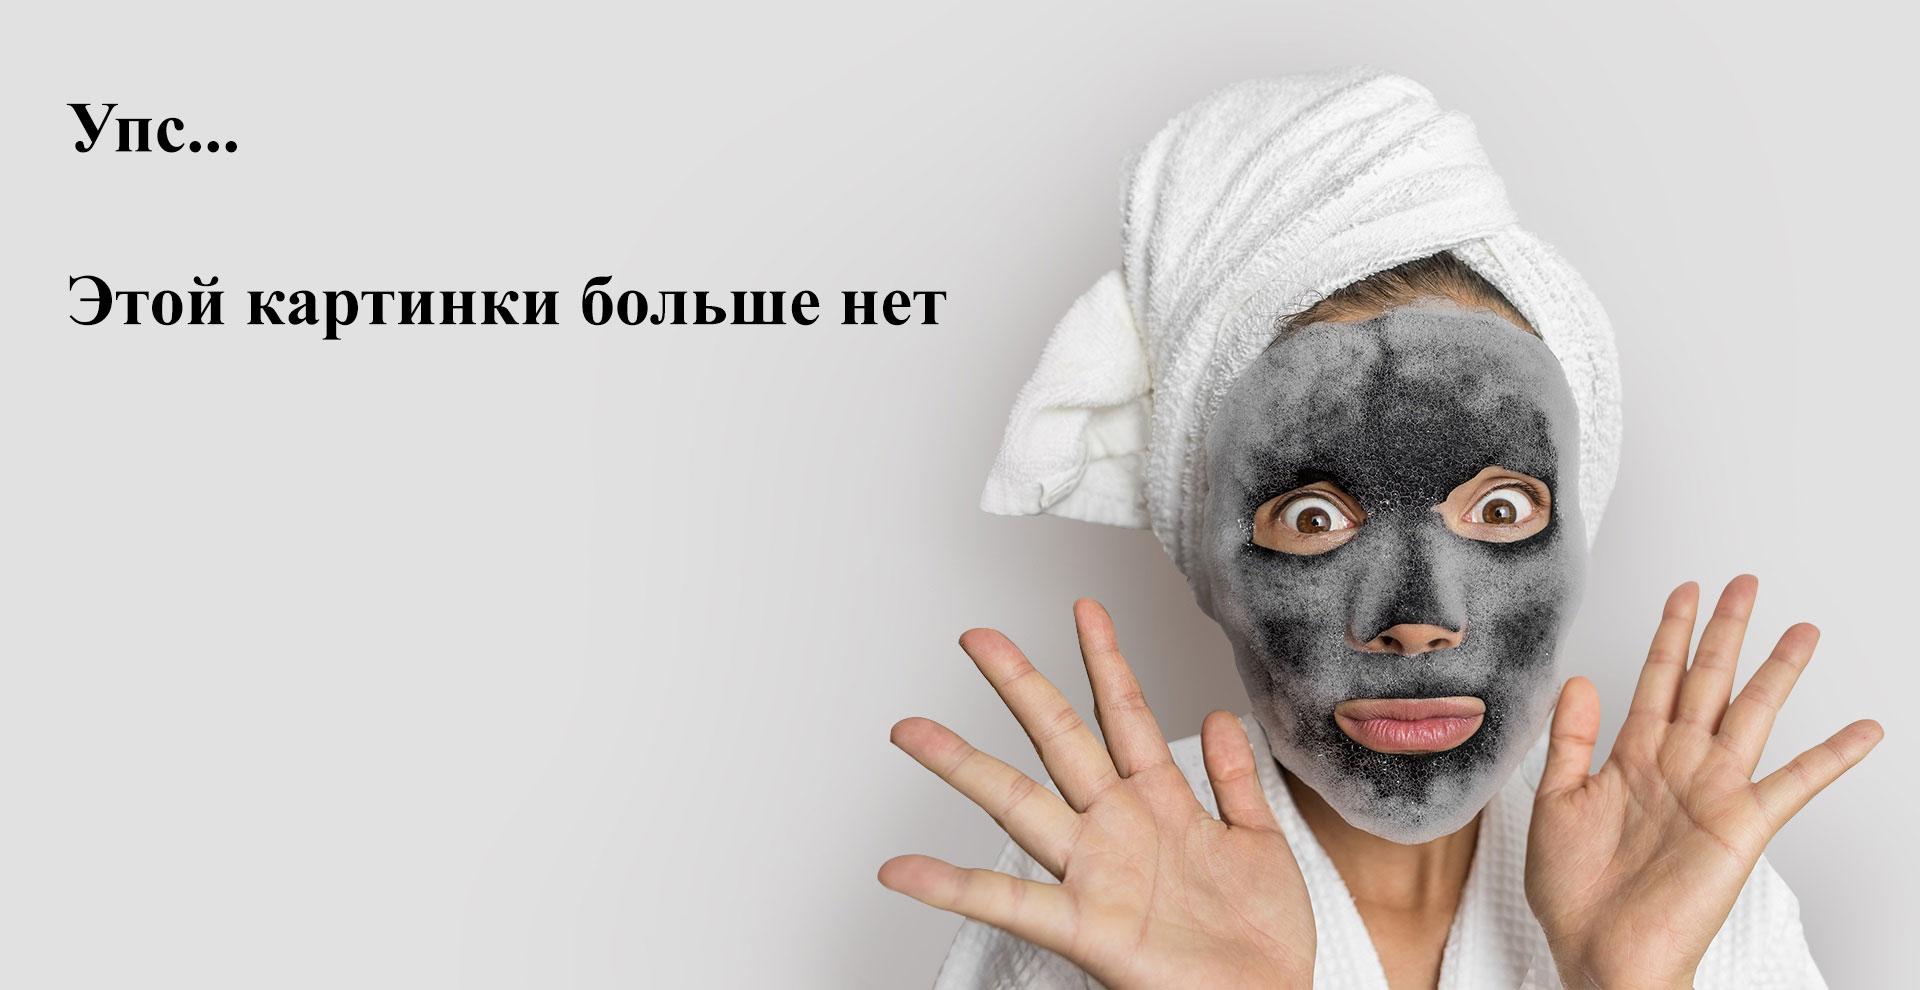 D'Michaél, Бальзам-маска Les notes de Vernon Cheveux Lisses, 500 мл